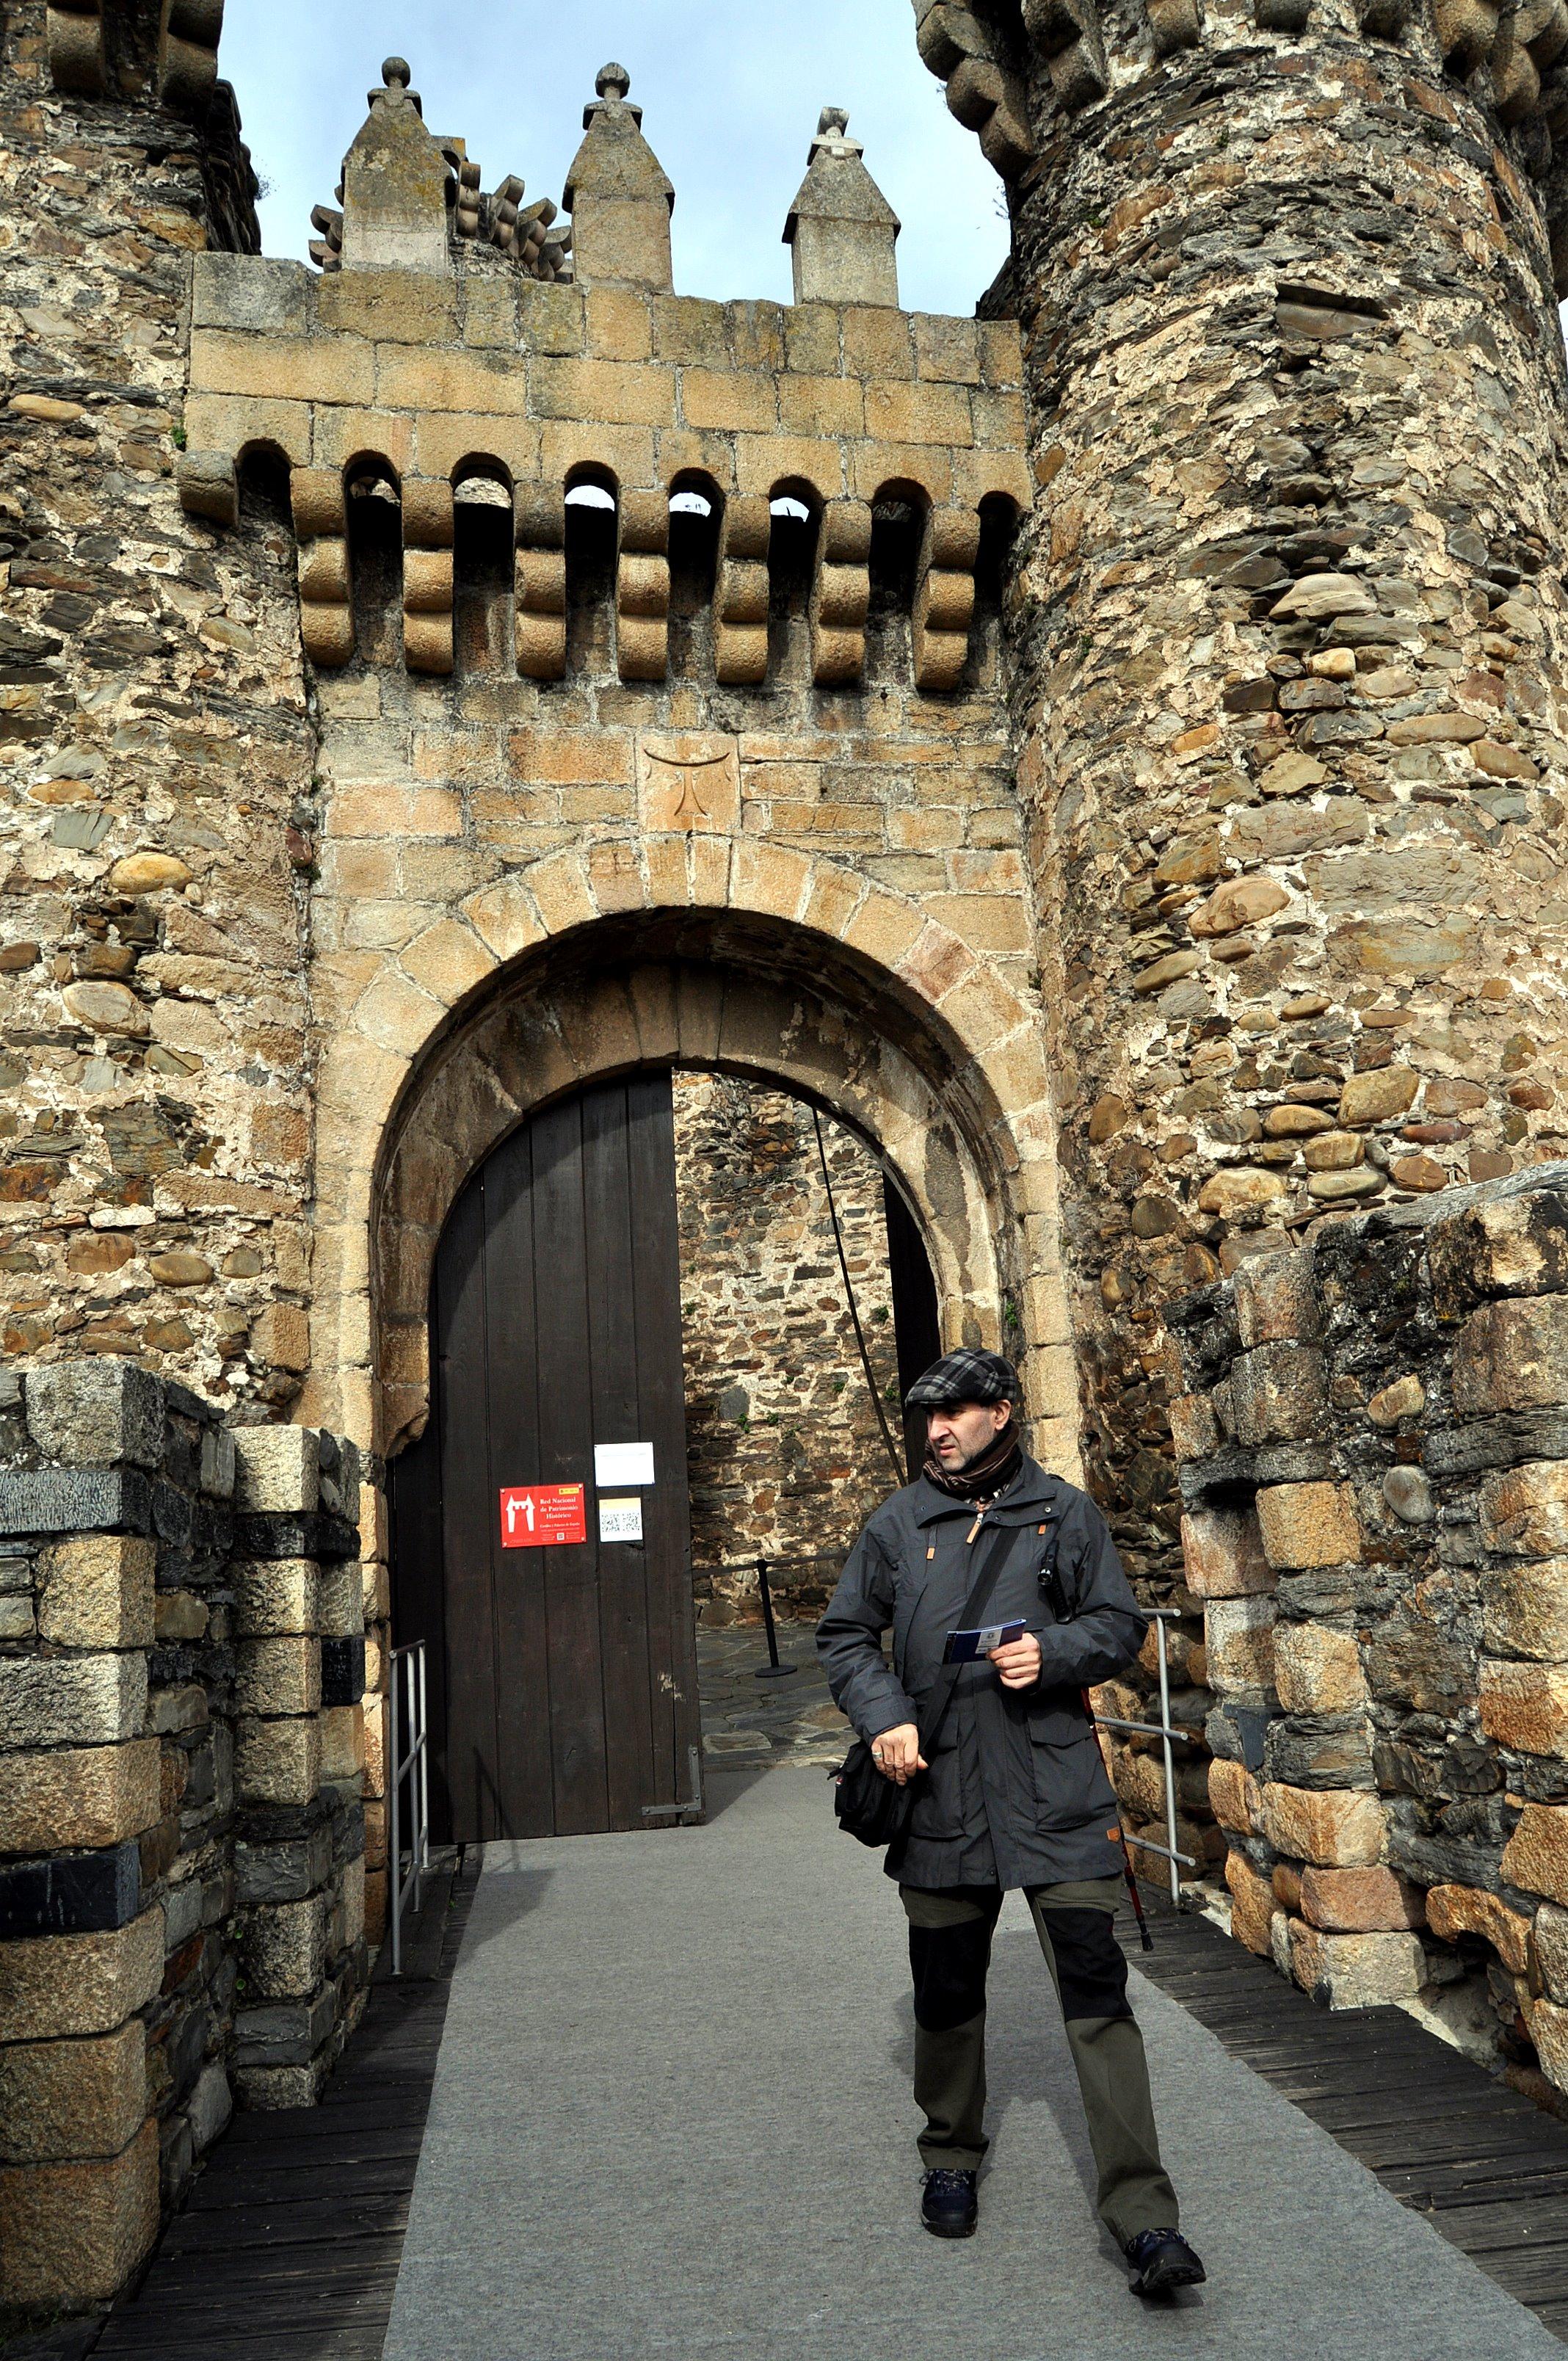 Saliendo del castillo templario.